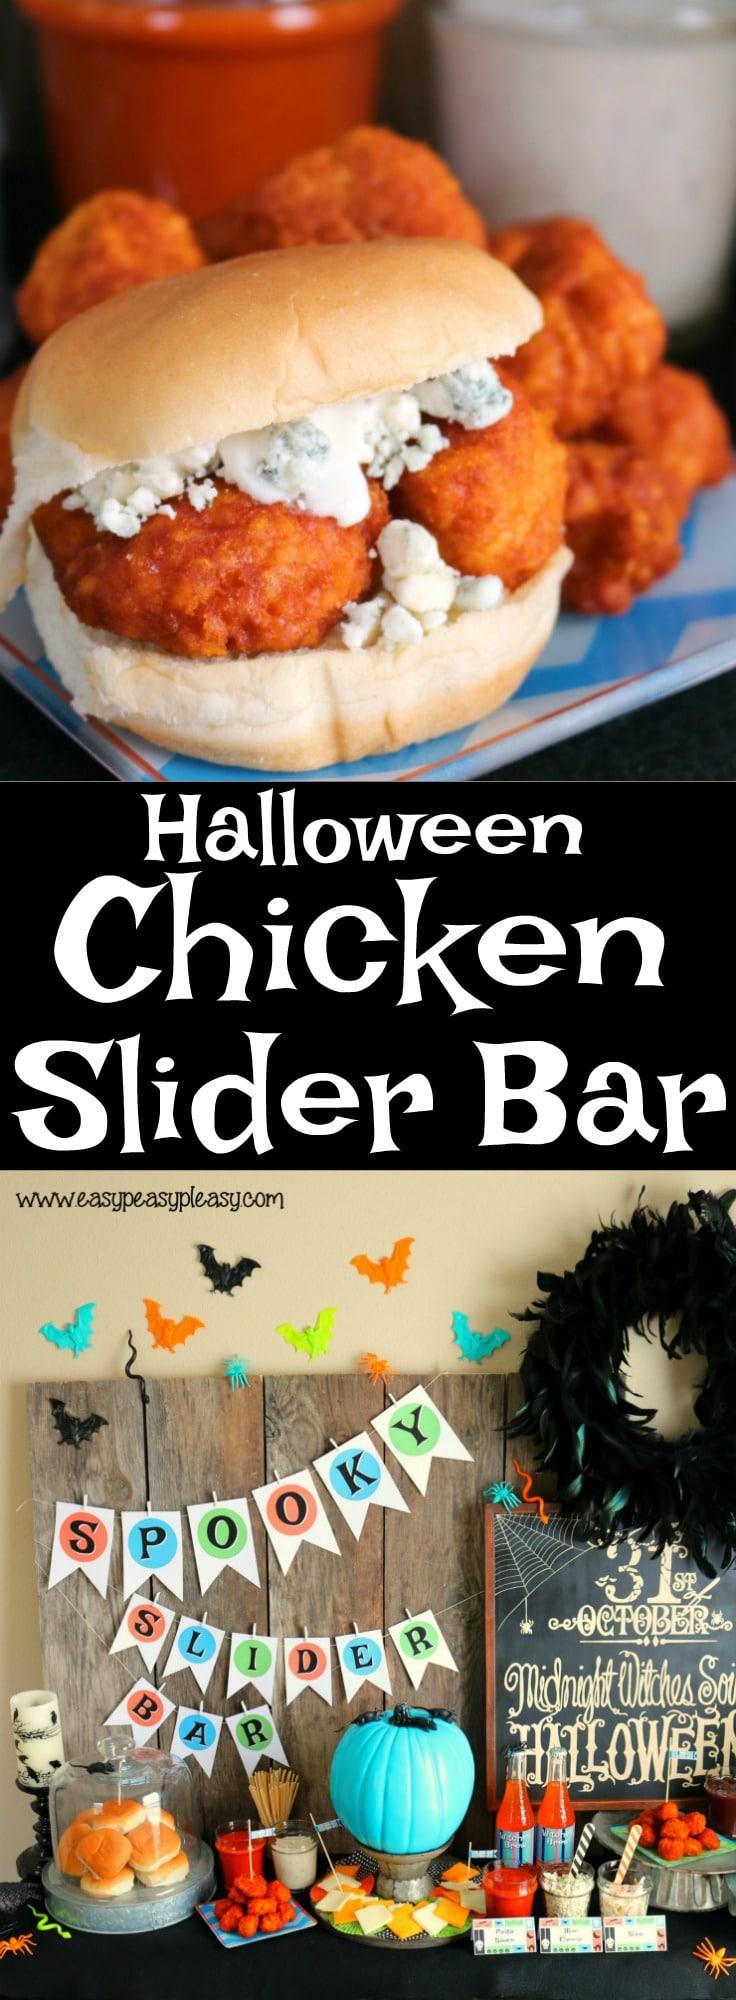 Halloween Chicken Slider Bar